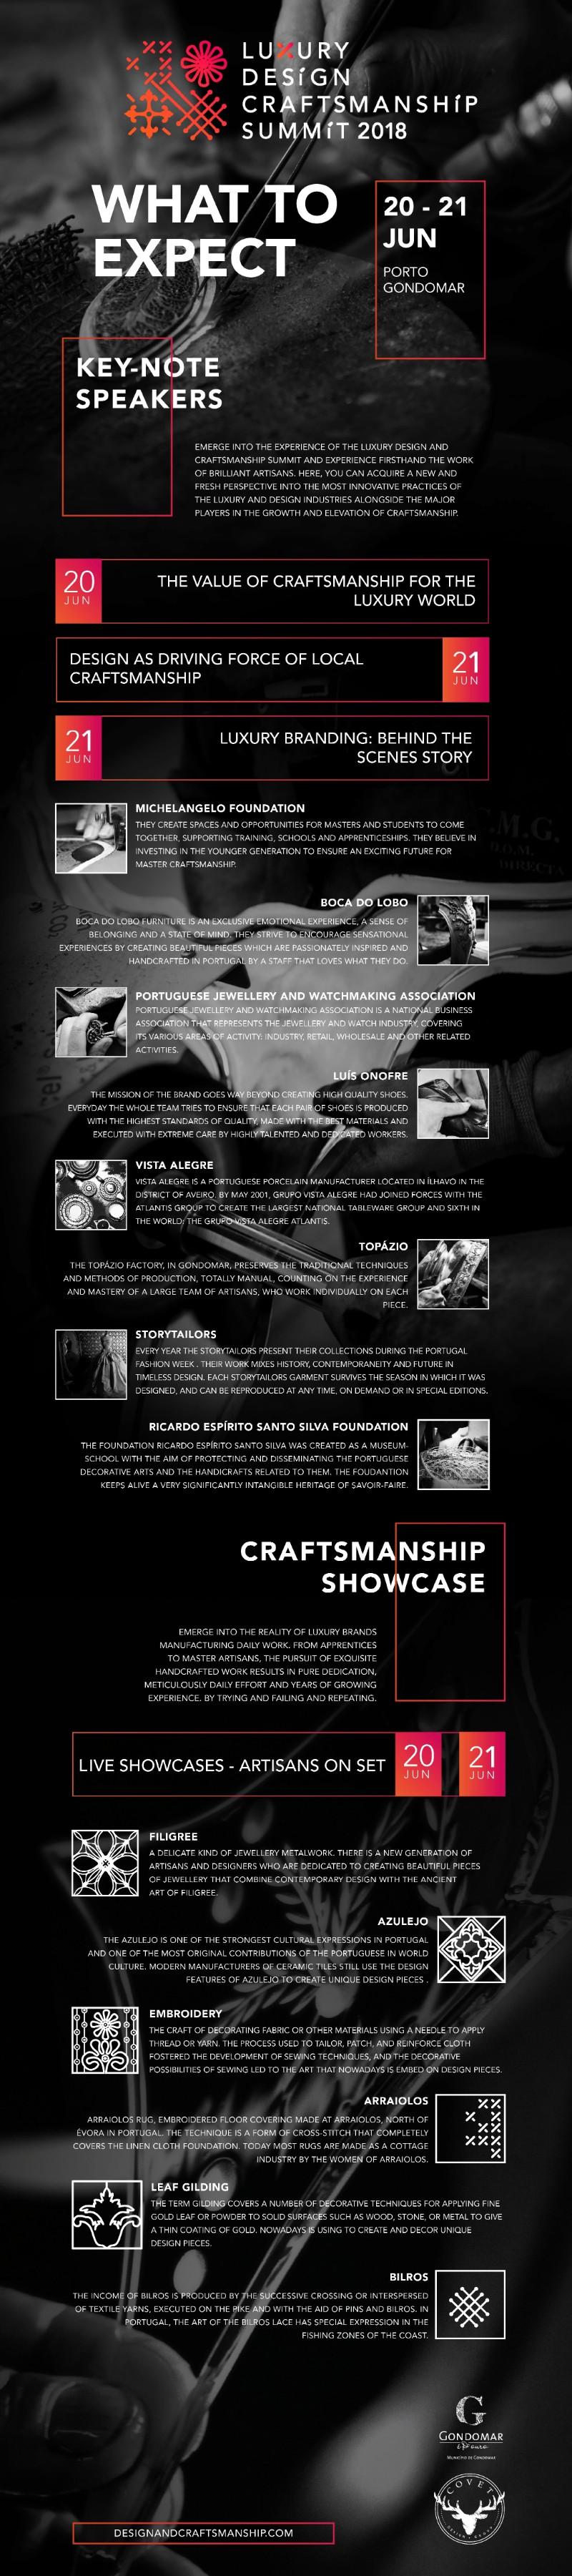 luxury design Luxury Design & Craftsmanship Summit: Arts and Furniture Luxury Design Craftsmanship Summit Arts 5